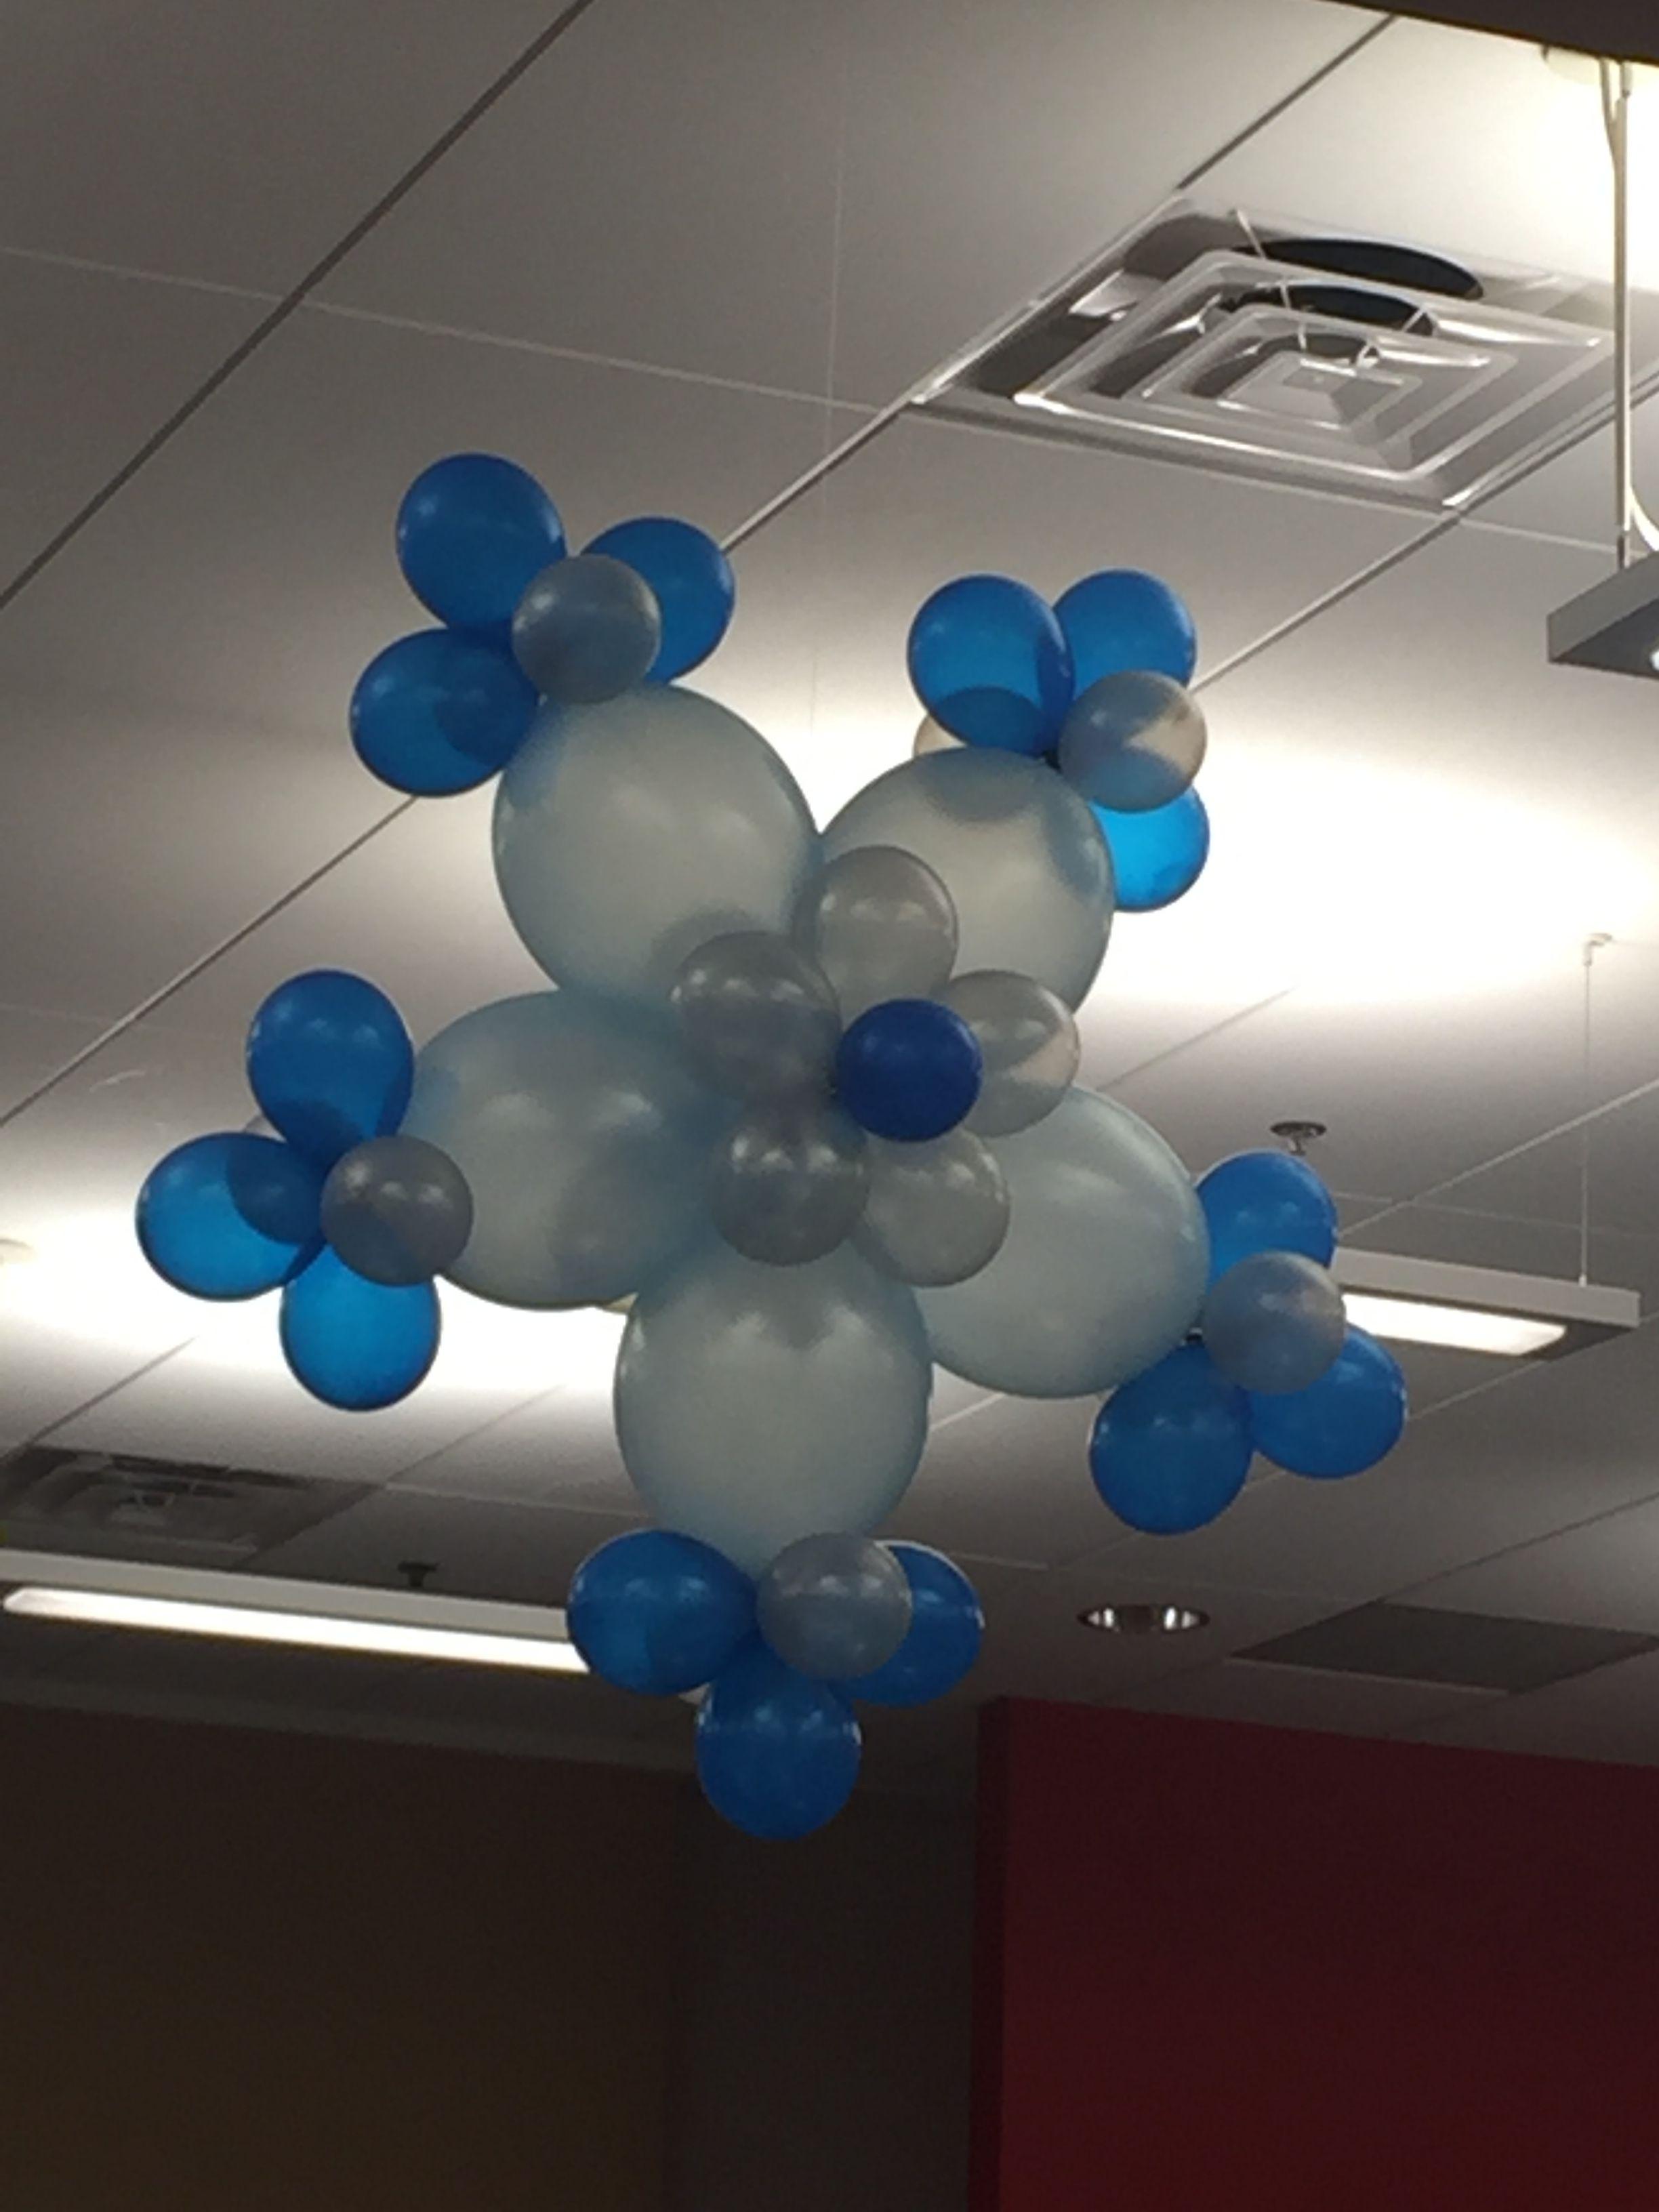 Snowflake balloon decoraci n con globos pinterest for Ornamentacion con globos